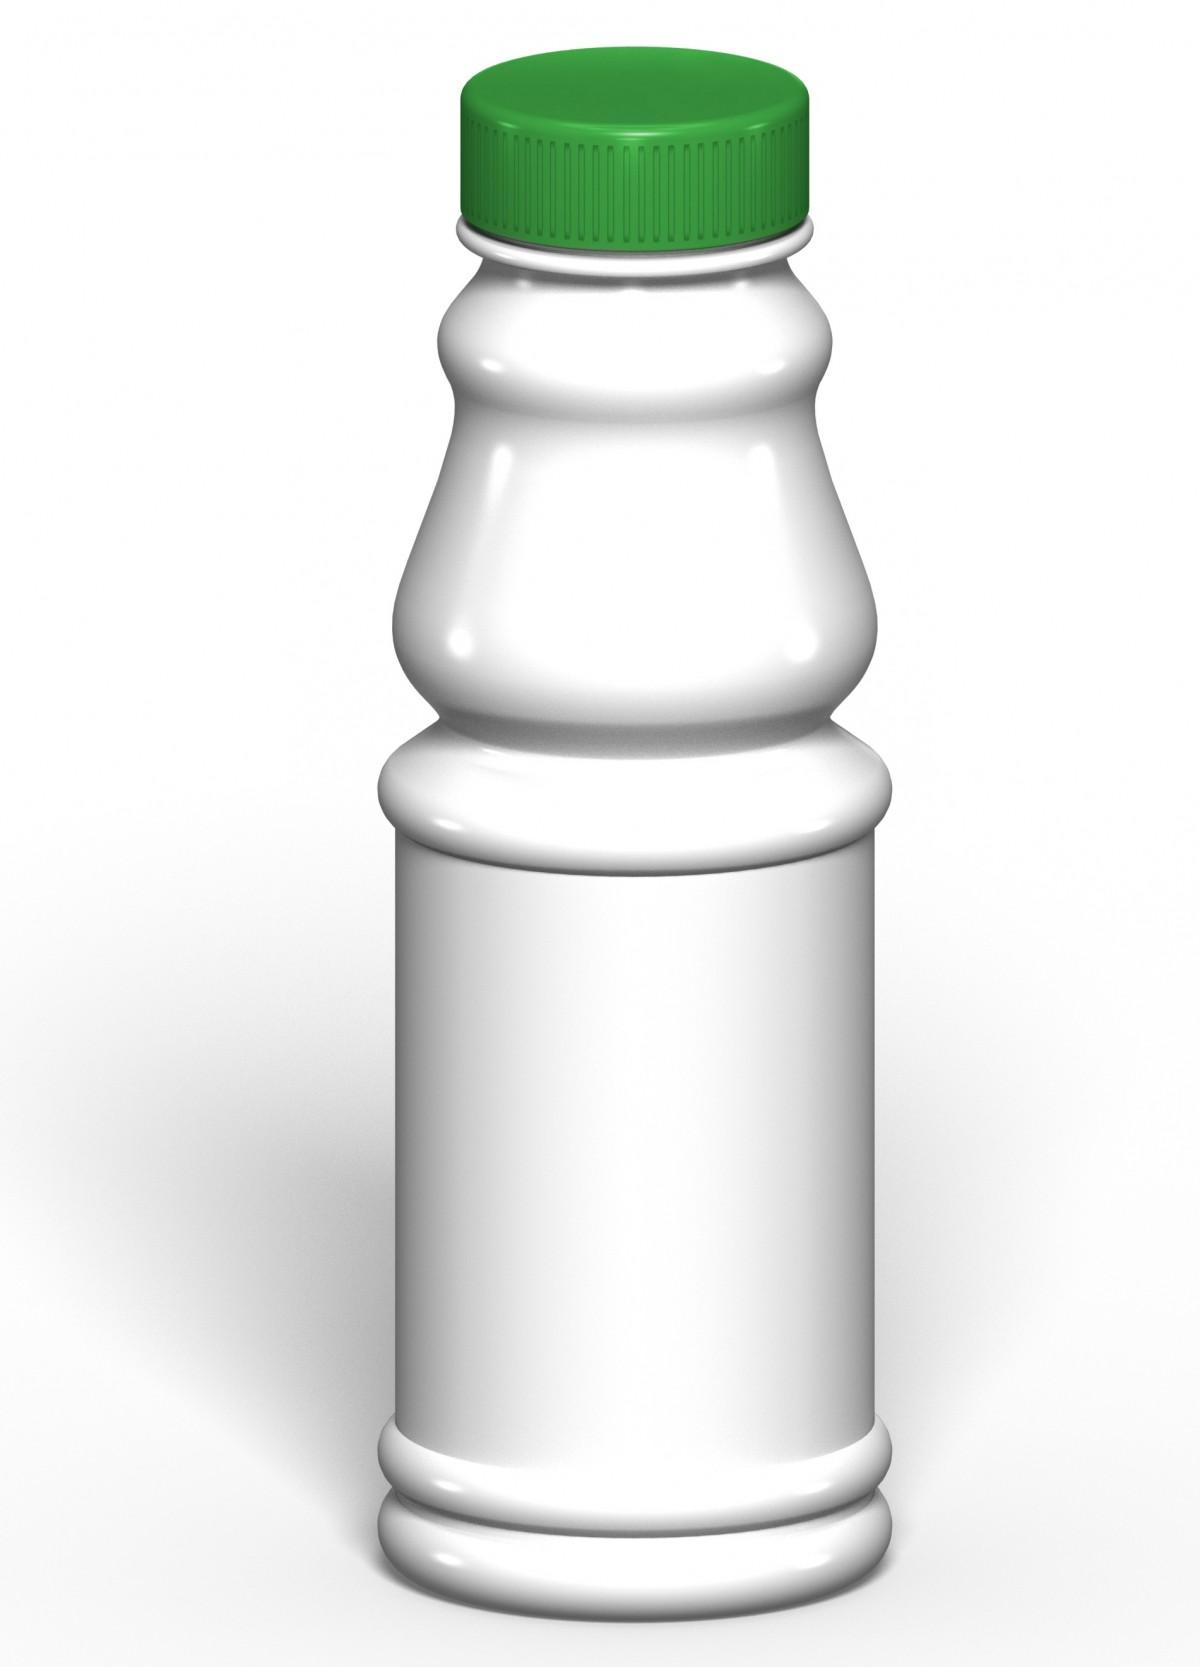 images gratuites blanc plastique vert vaisselle bouteille en verre produit emballage. Black Bedroom Furniture Sets. Home Design Ideas